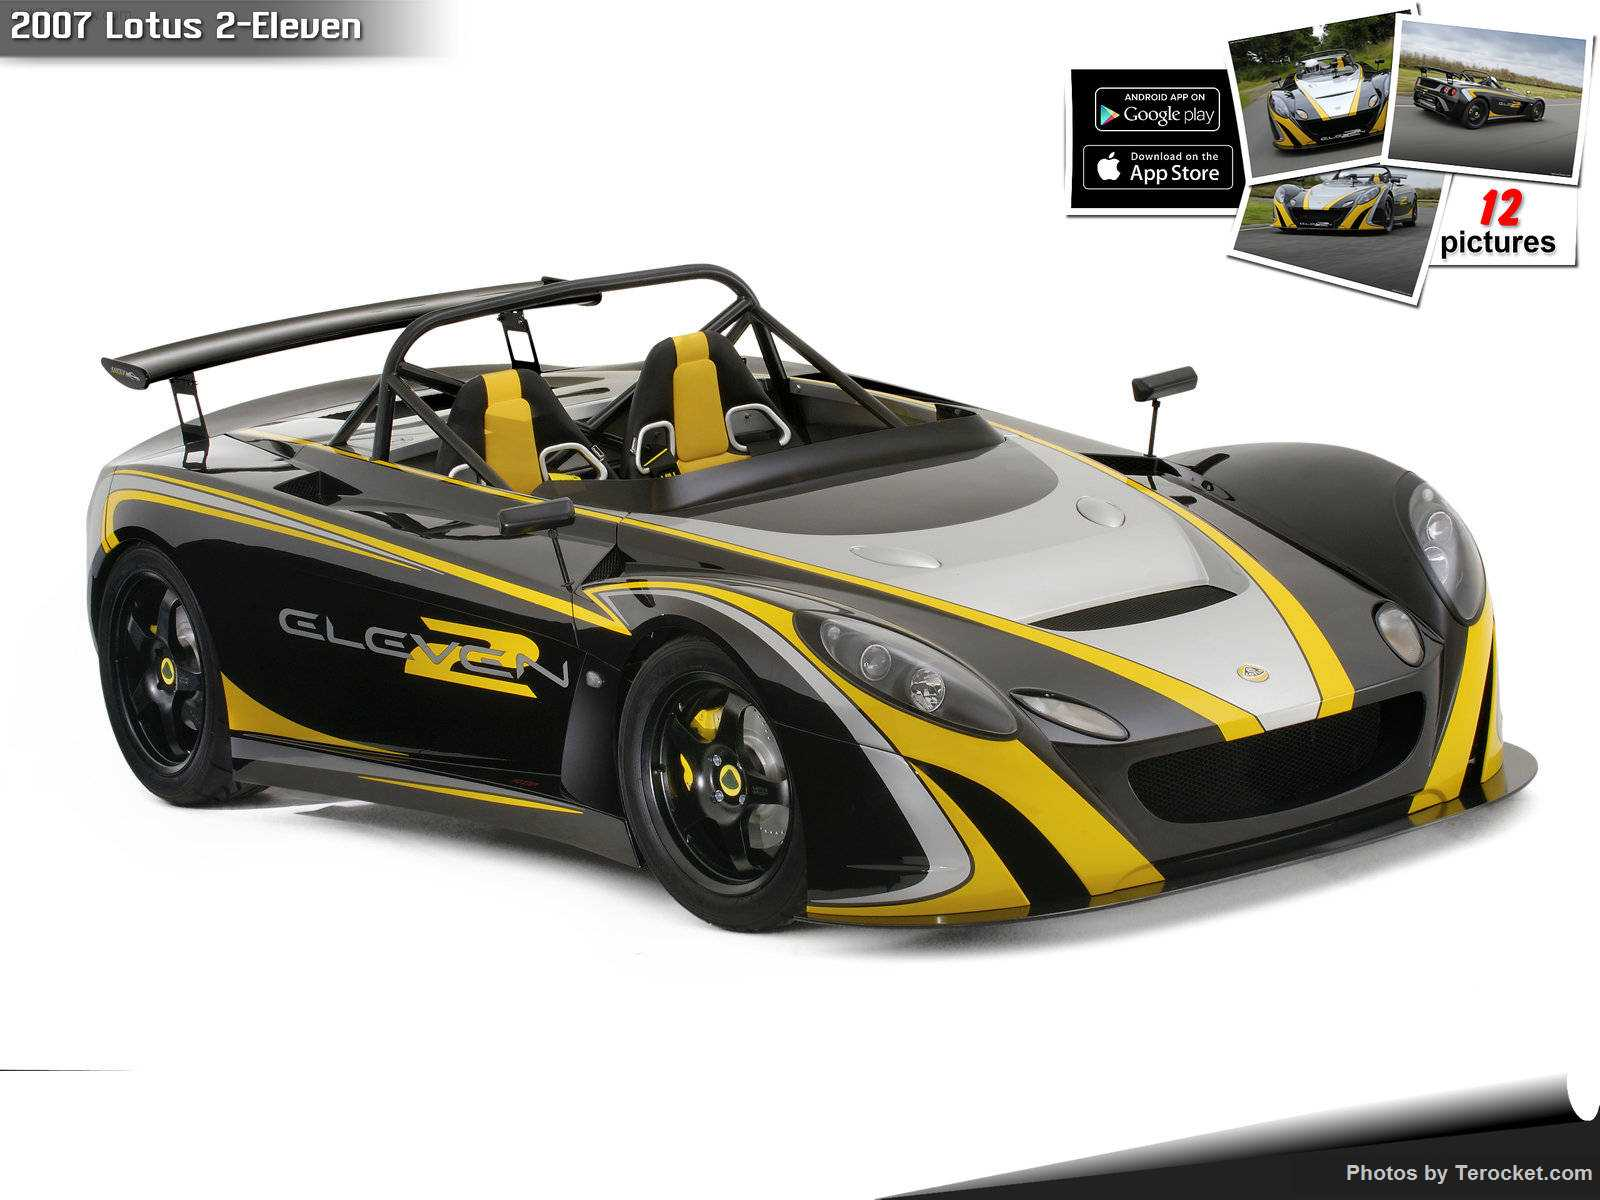 Hình ảnh siêu xe Lotus 2-Eleven 2007 & nội ngoại thất